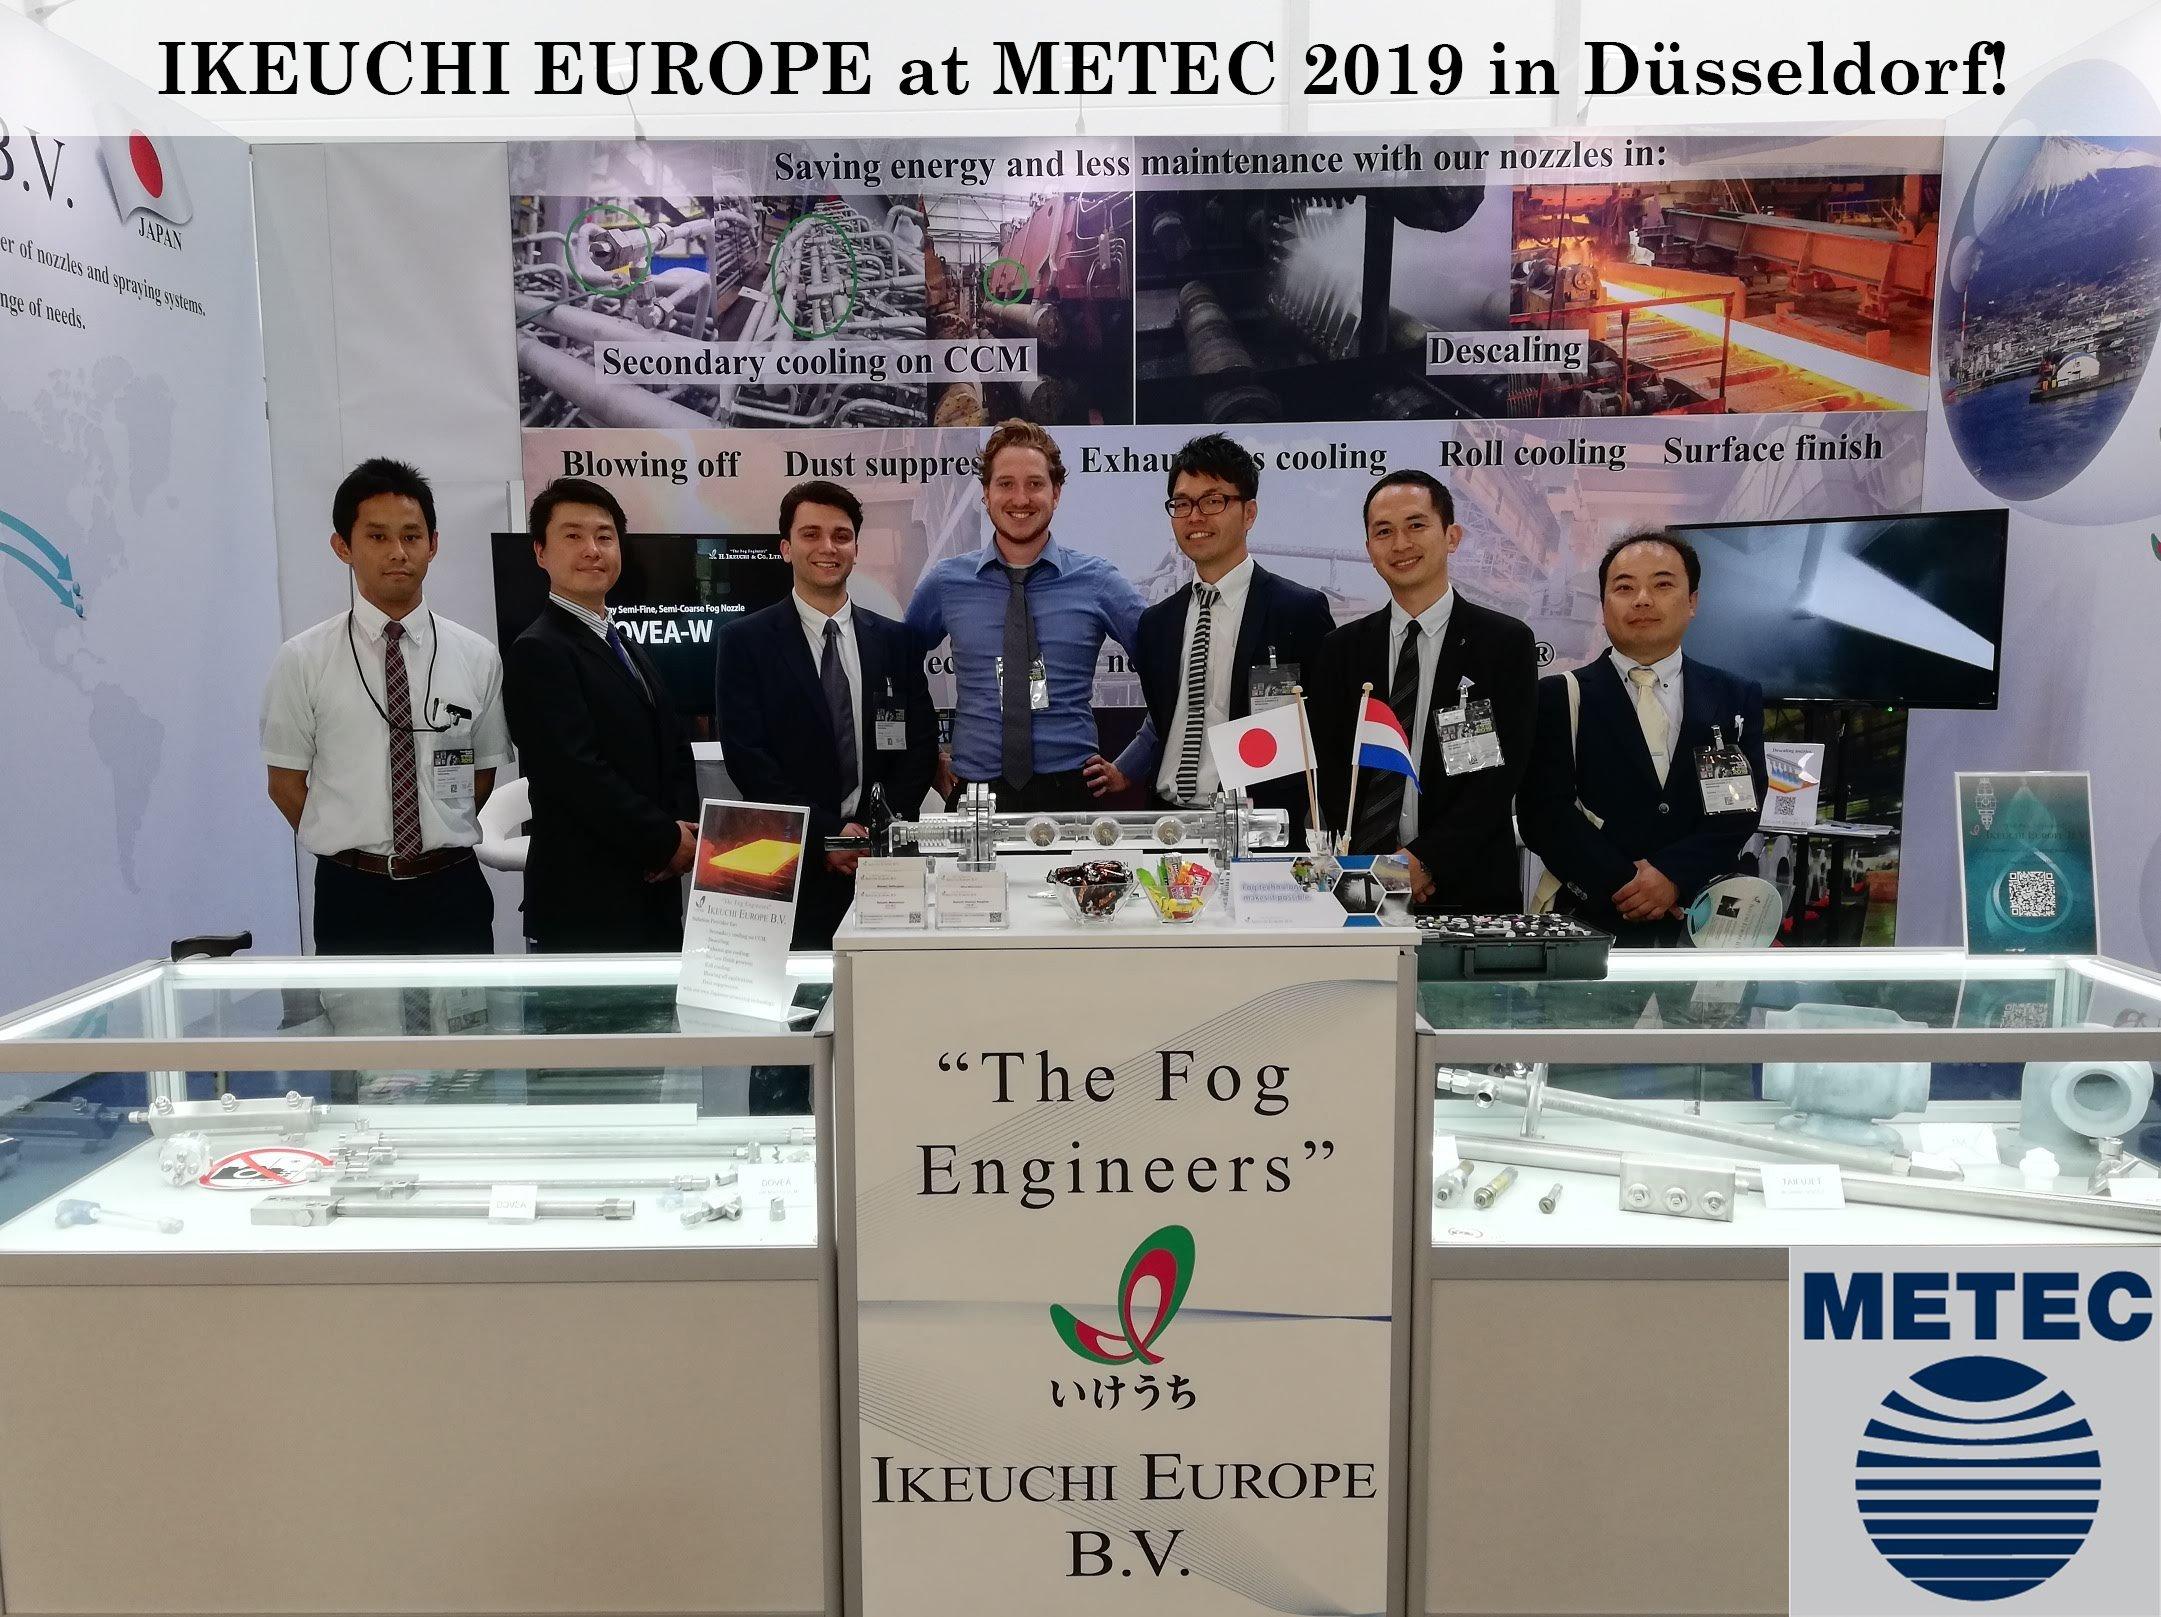 IKEUCHI EUROPE at METEC